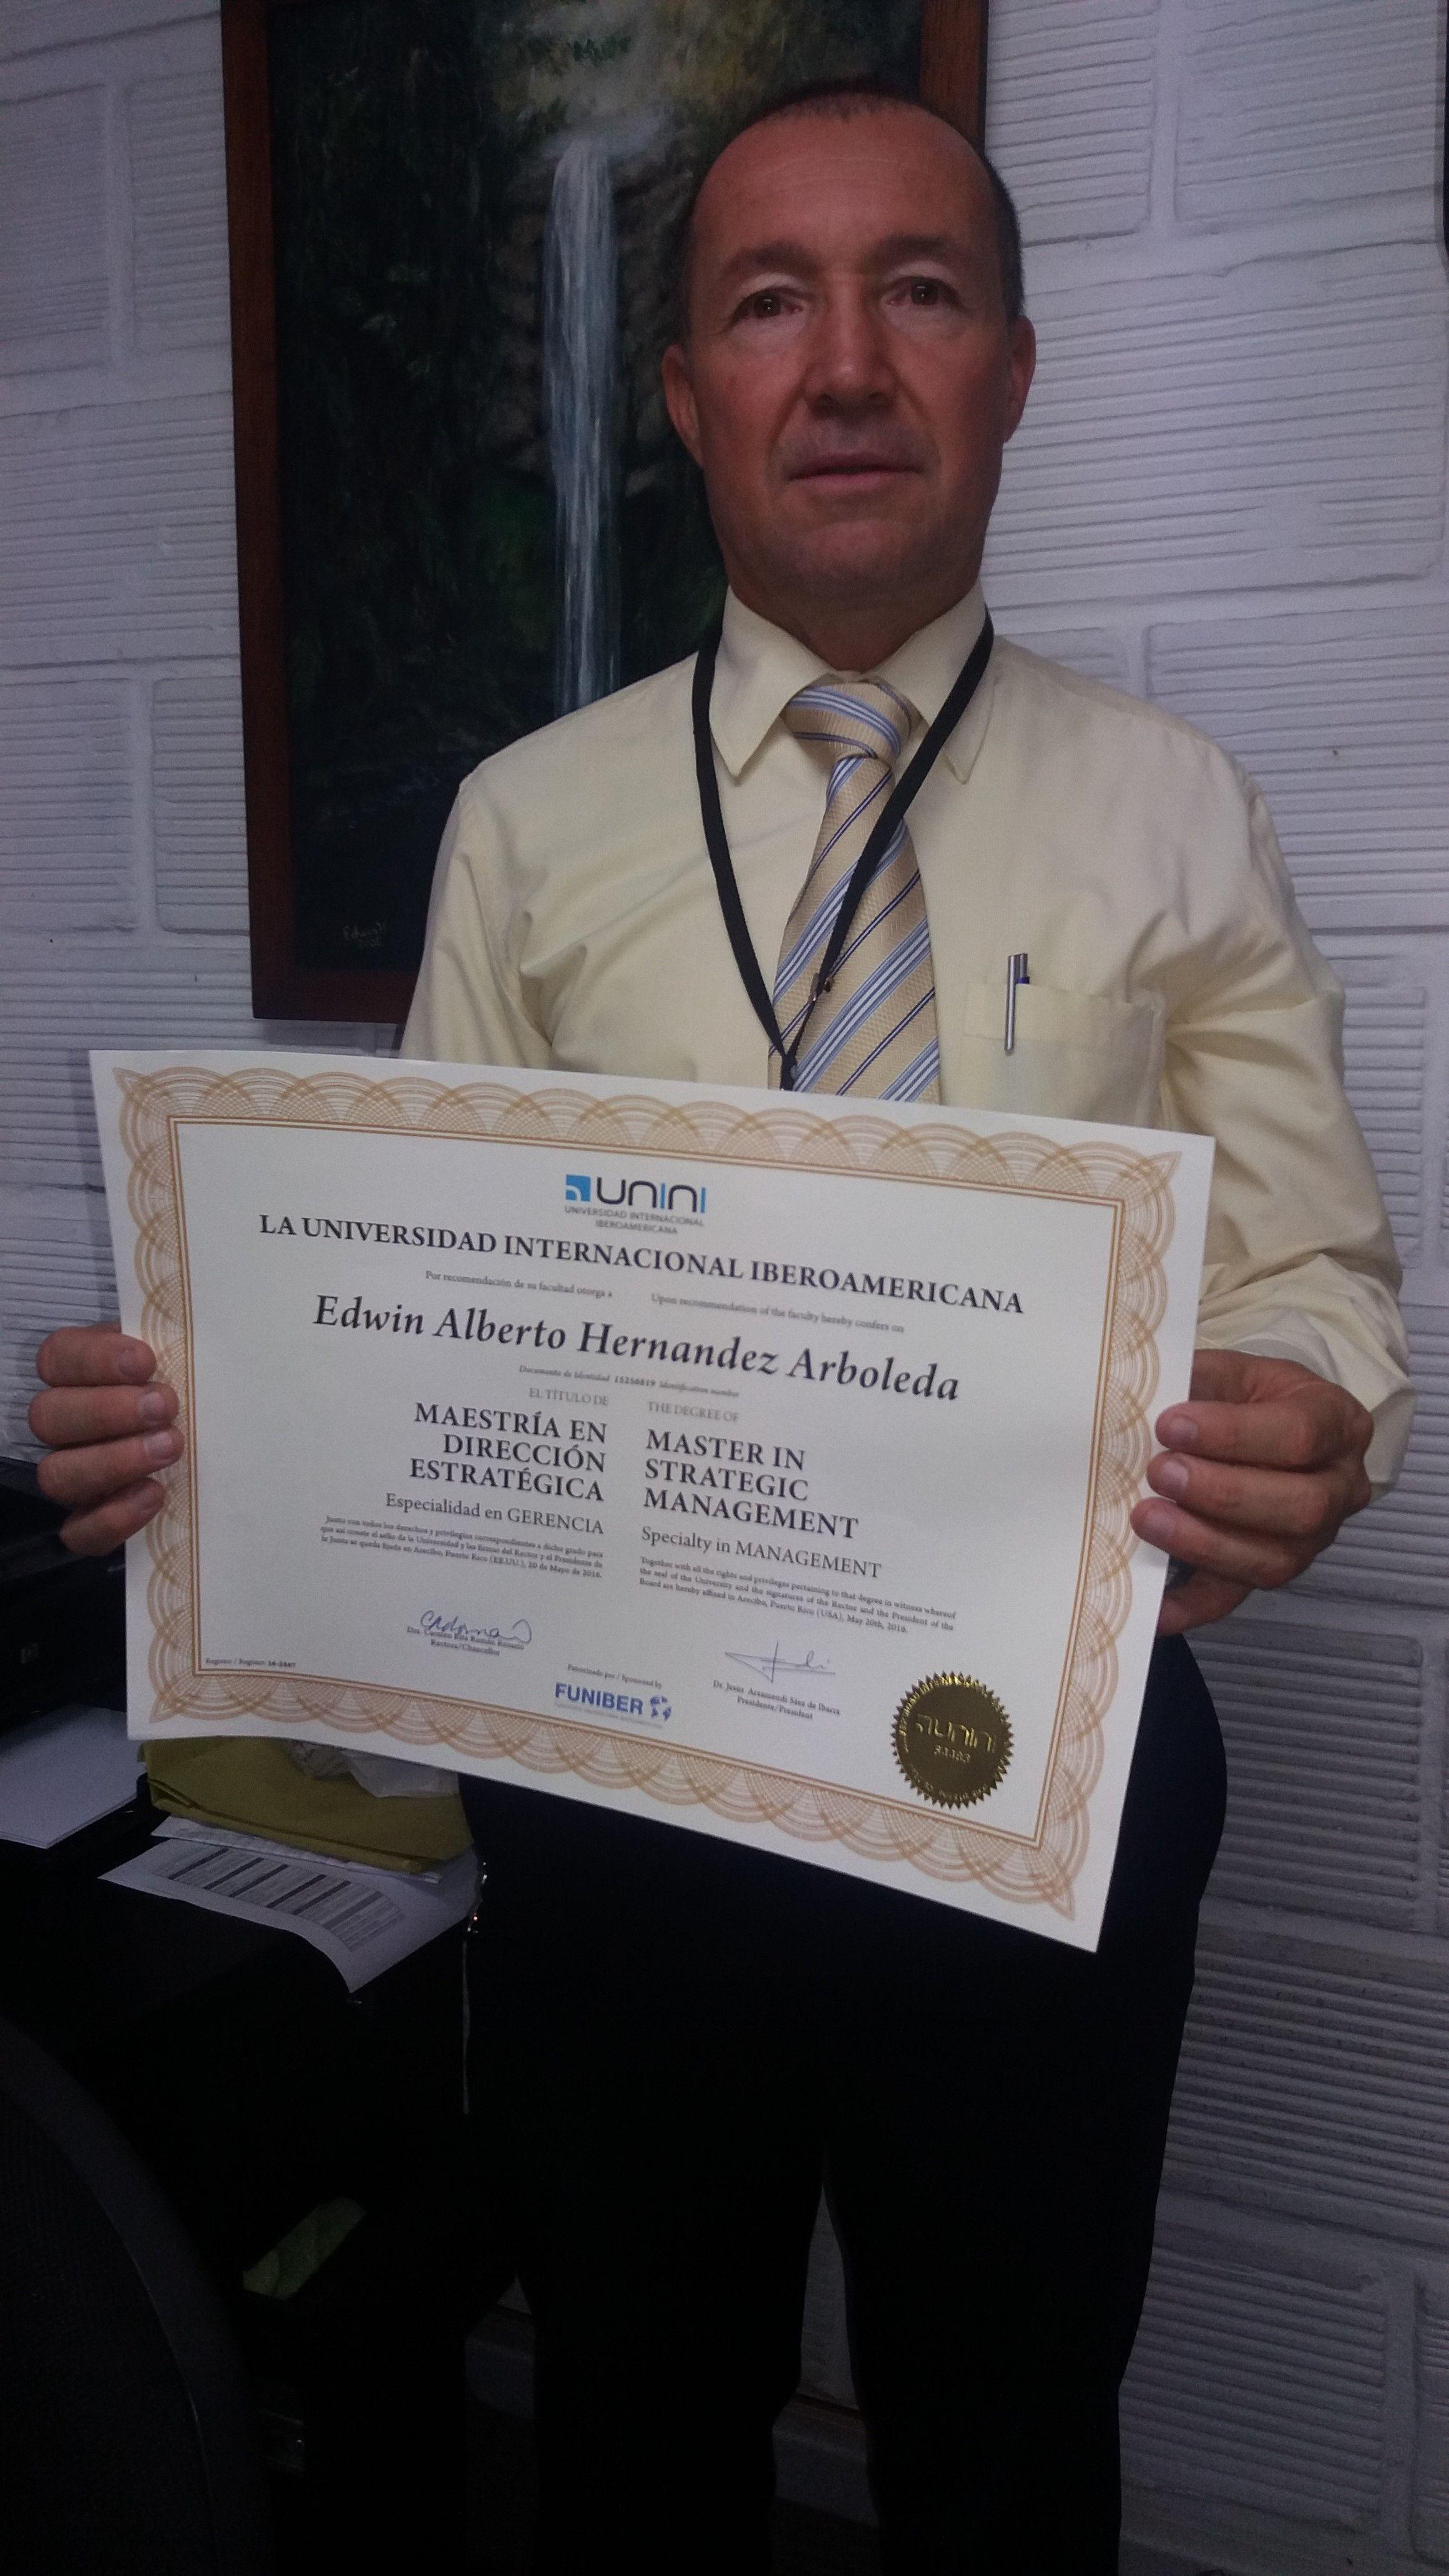 Felicitaciones a nuestro Decano de Salud por su Maestría en Dirección estratégica en la Universidad Iberoamericana